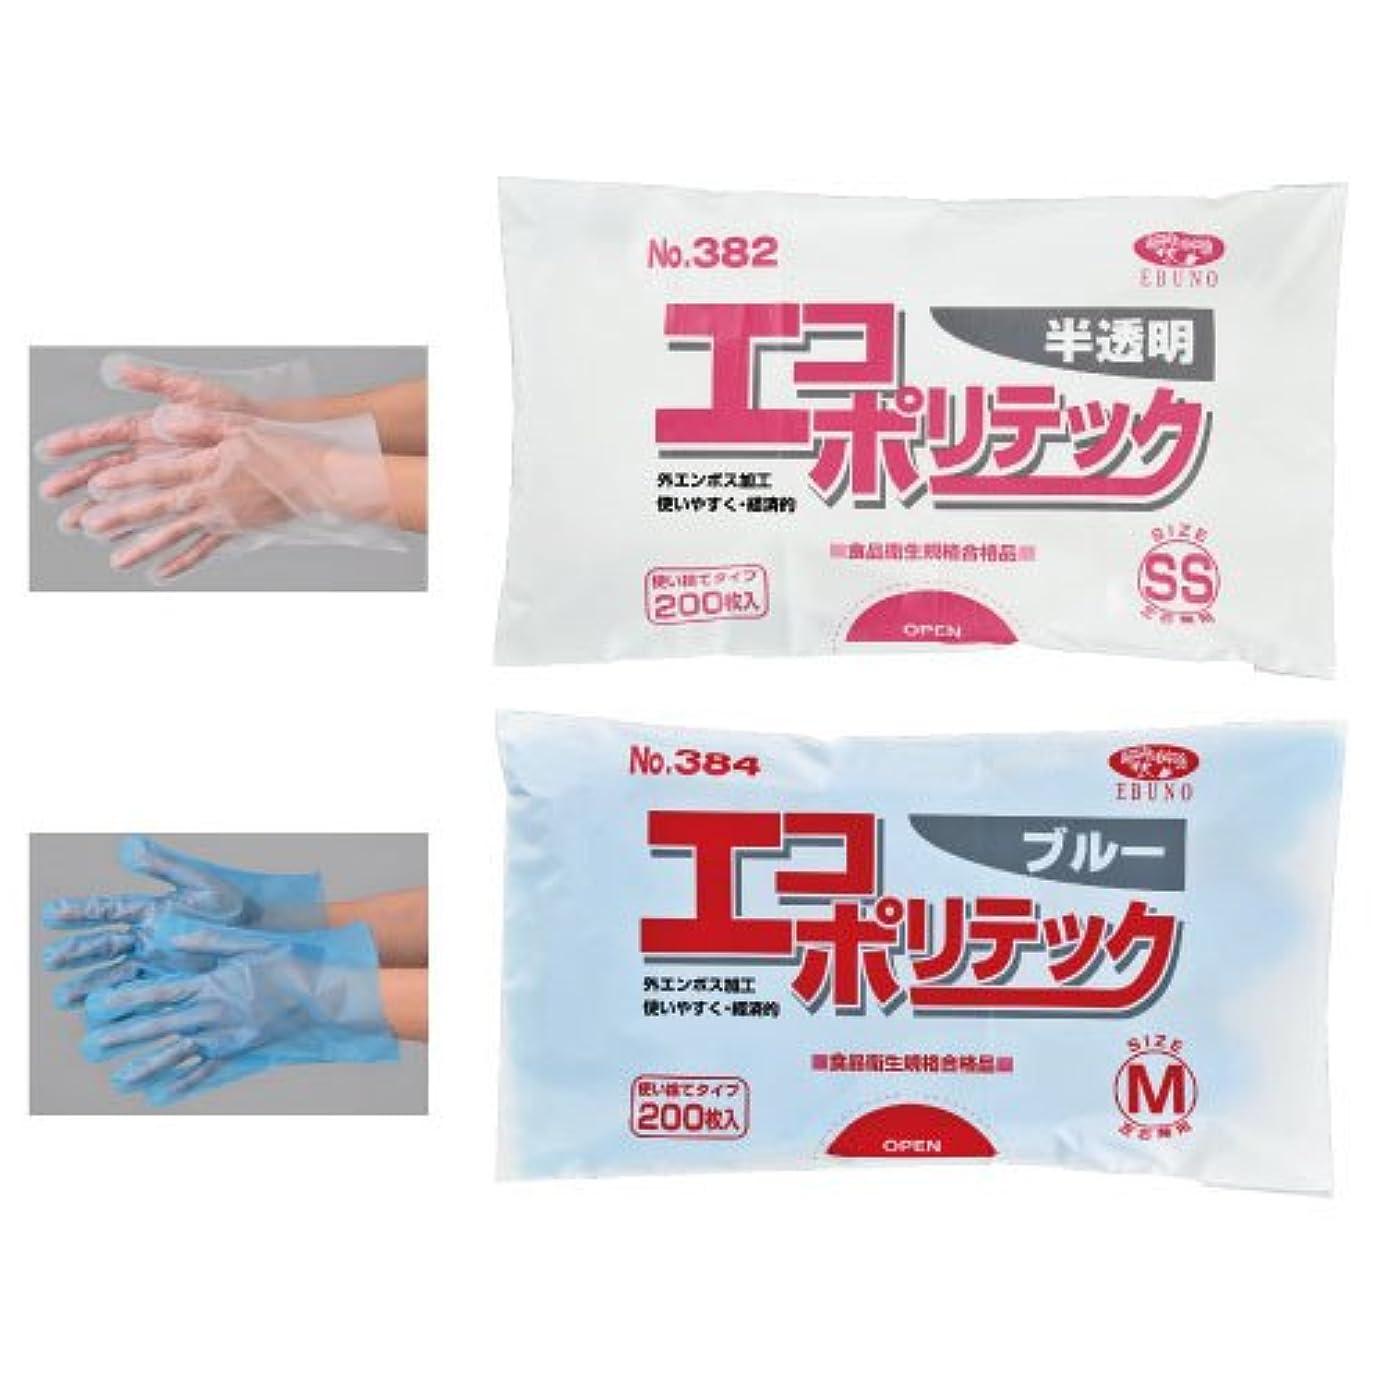 寄付ティッシュ透けて見えるエブノ ポリエチレン手袋 No.382 L 半透明 (200枚×30袋) エコポリテック 袋入